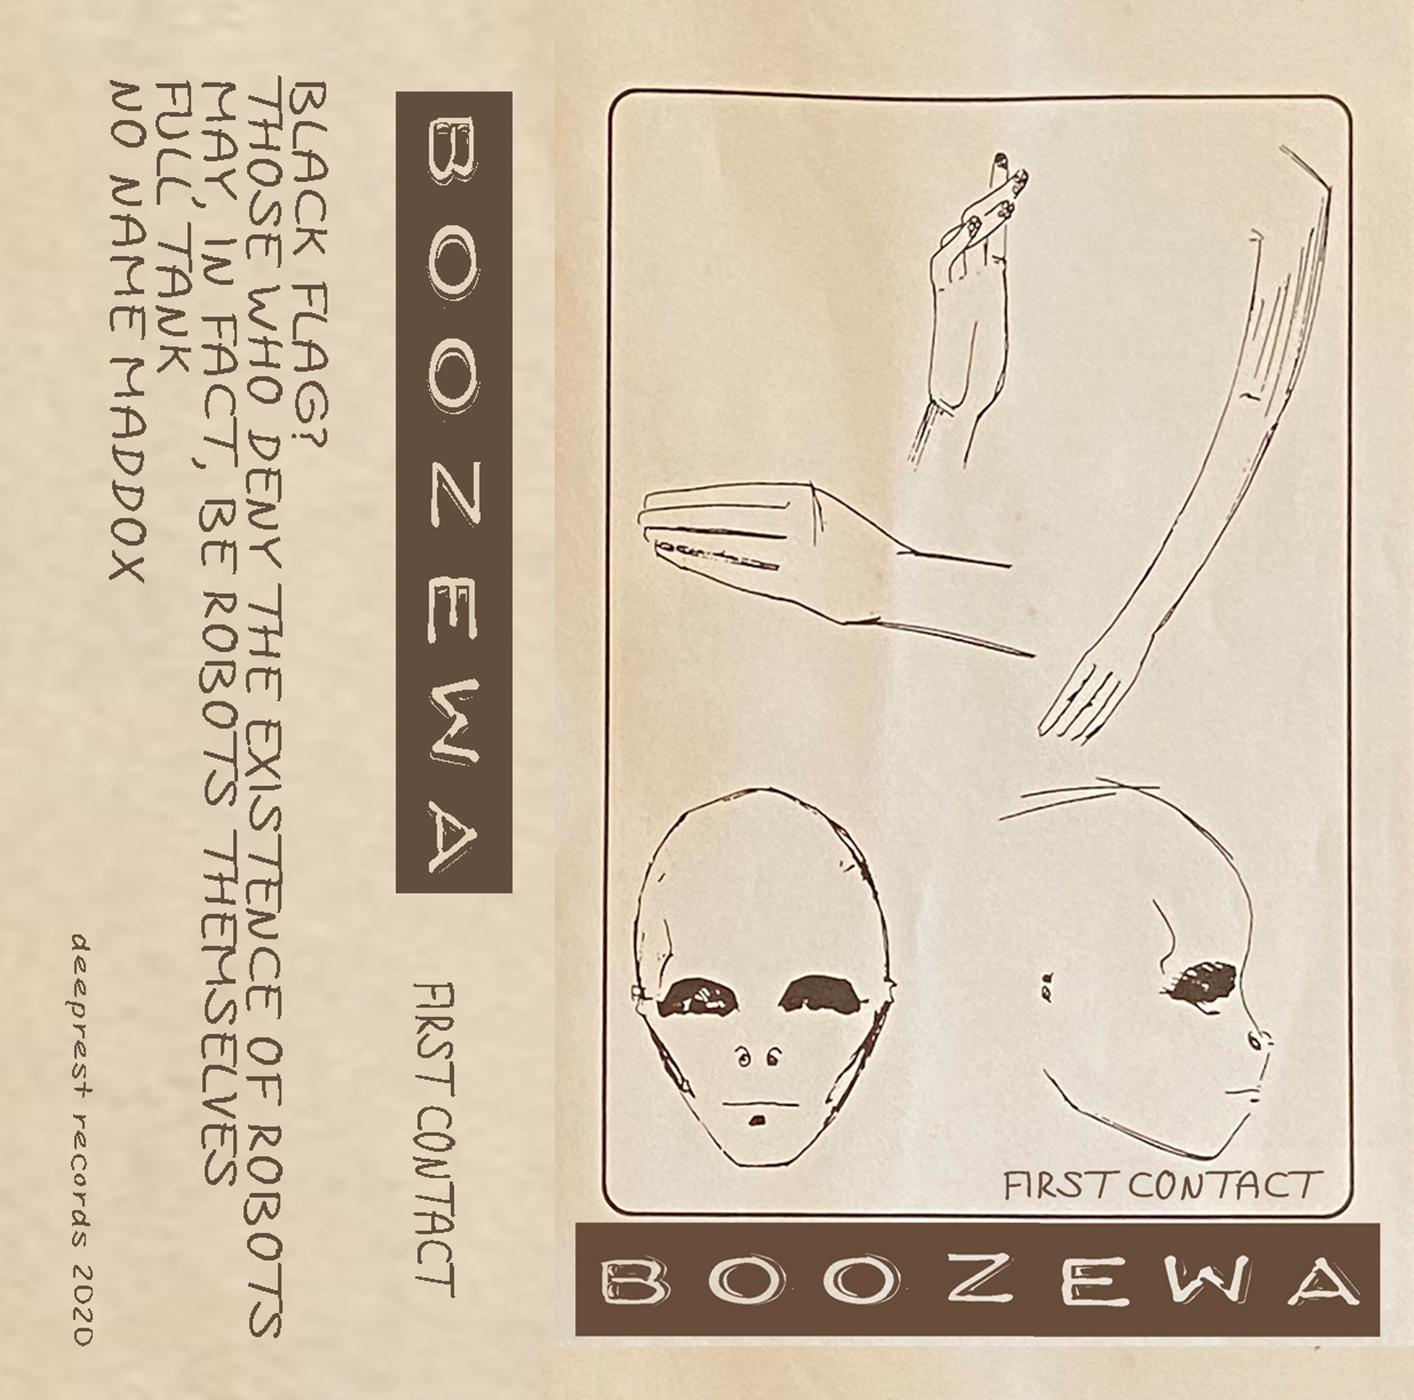 boozewa first contact